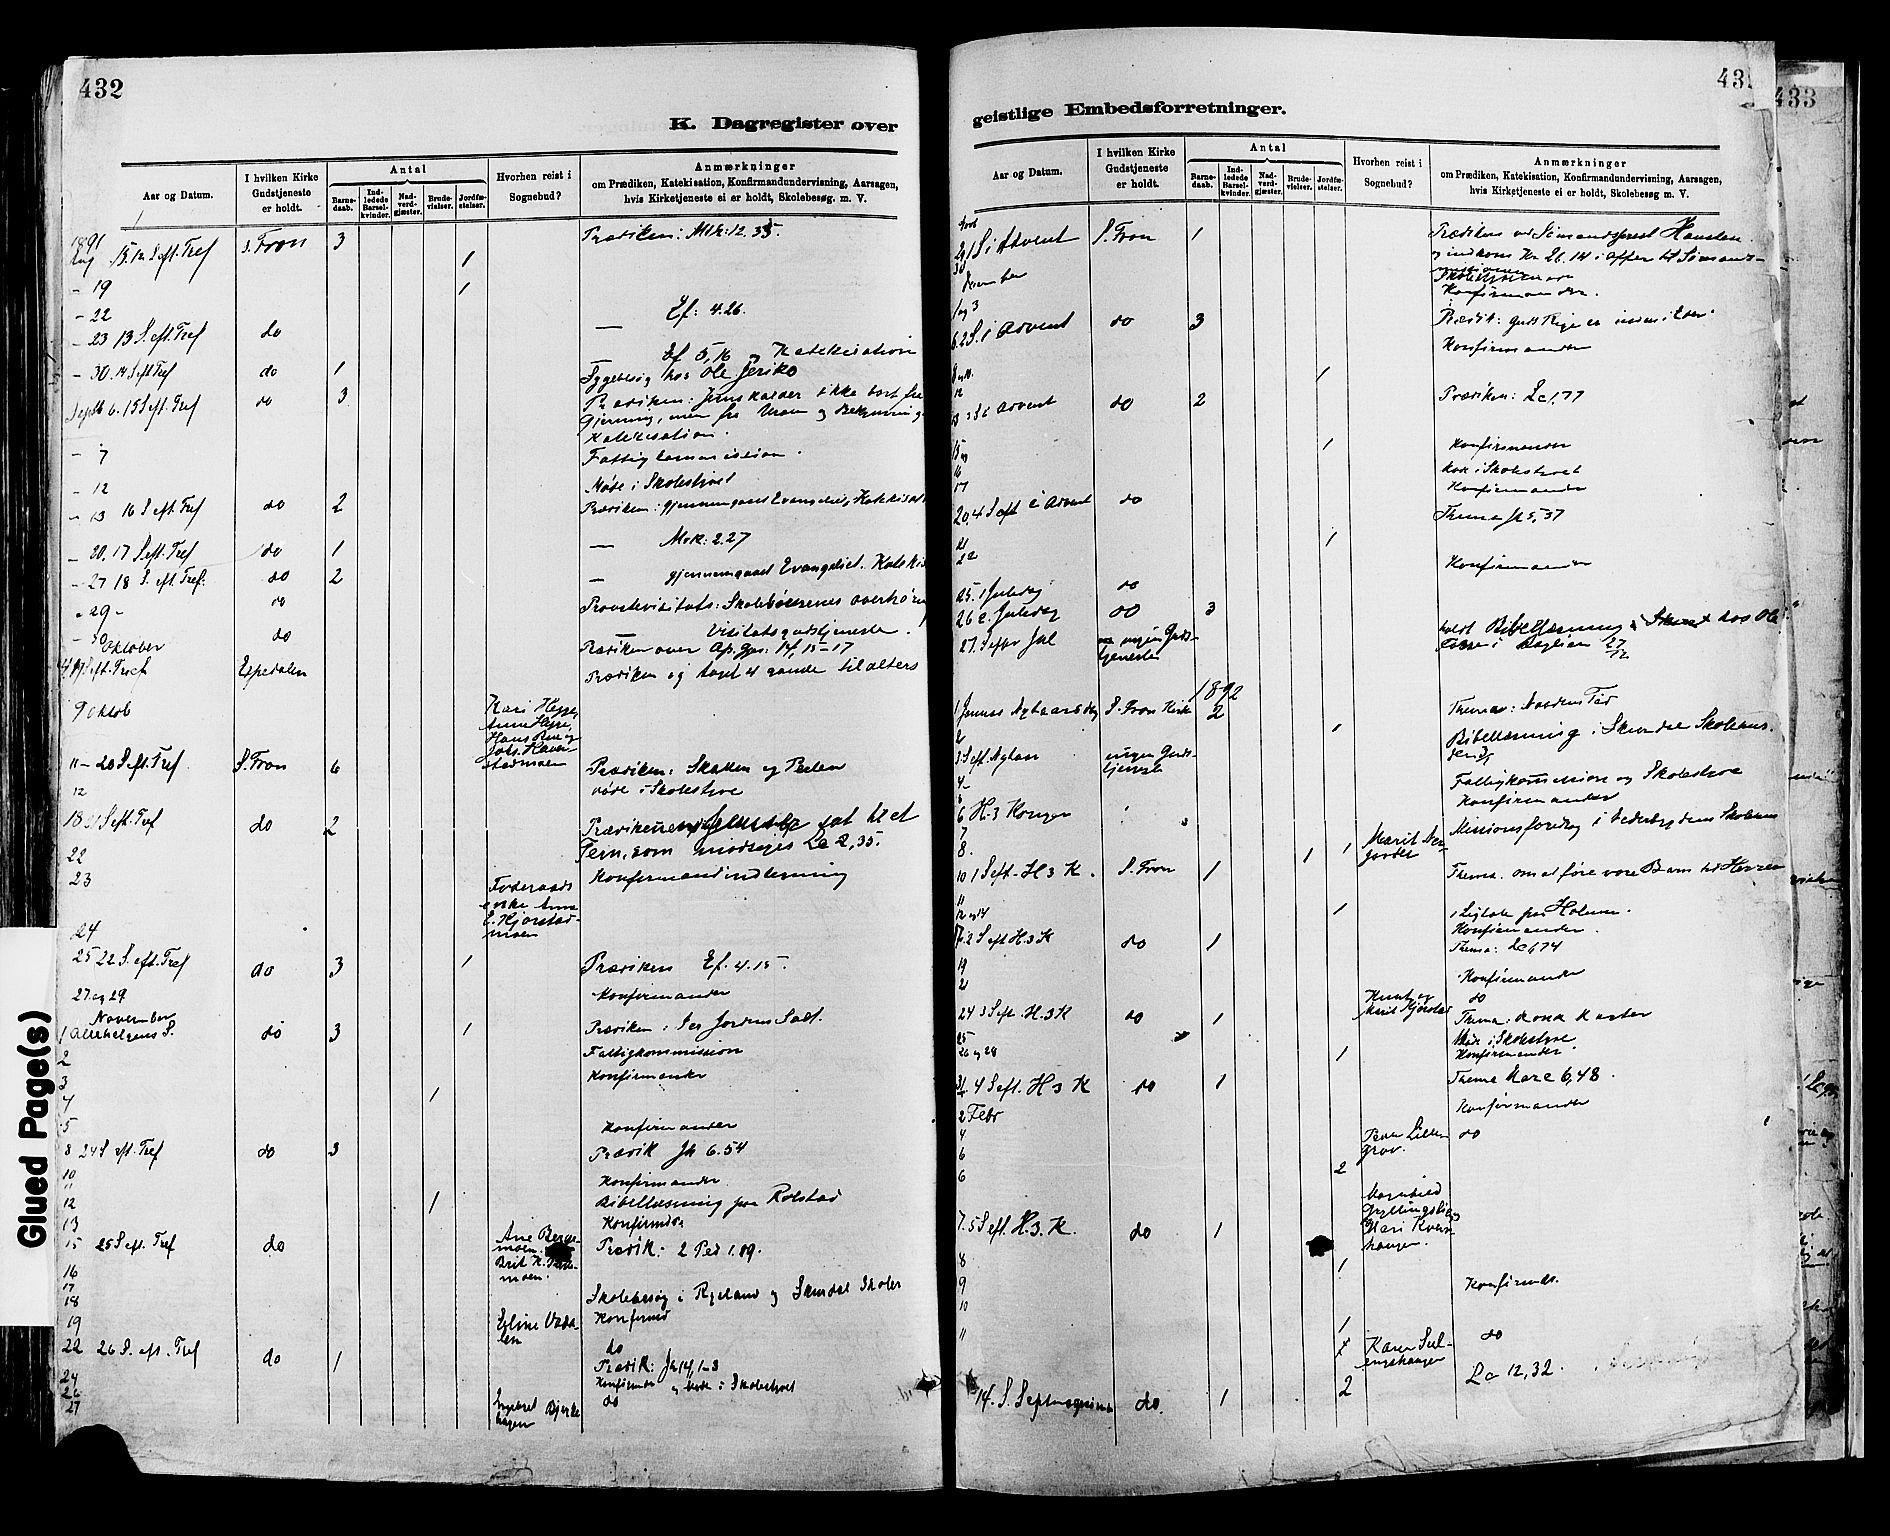 SAH, Sør-Fron prestekontor, H/Ha/Haa/L0003: Ministerialbok nr. 3, 1881-1897, s. 432